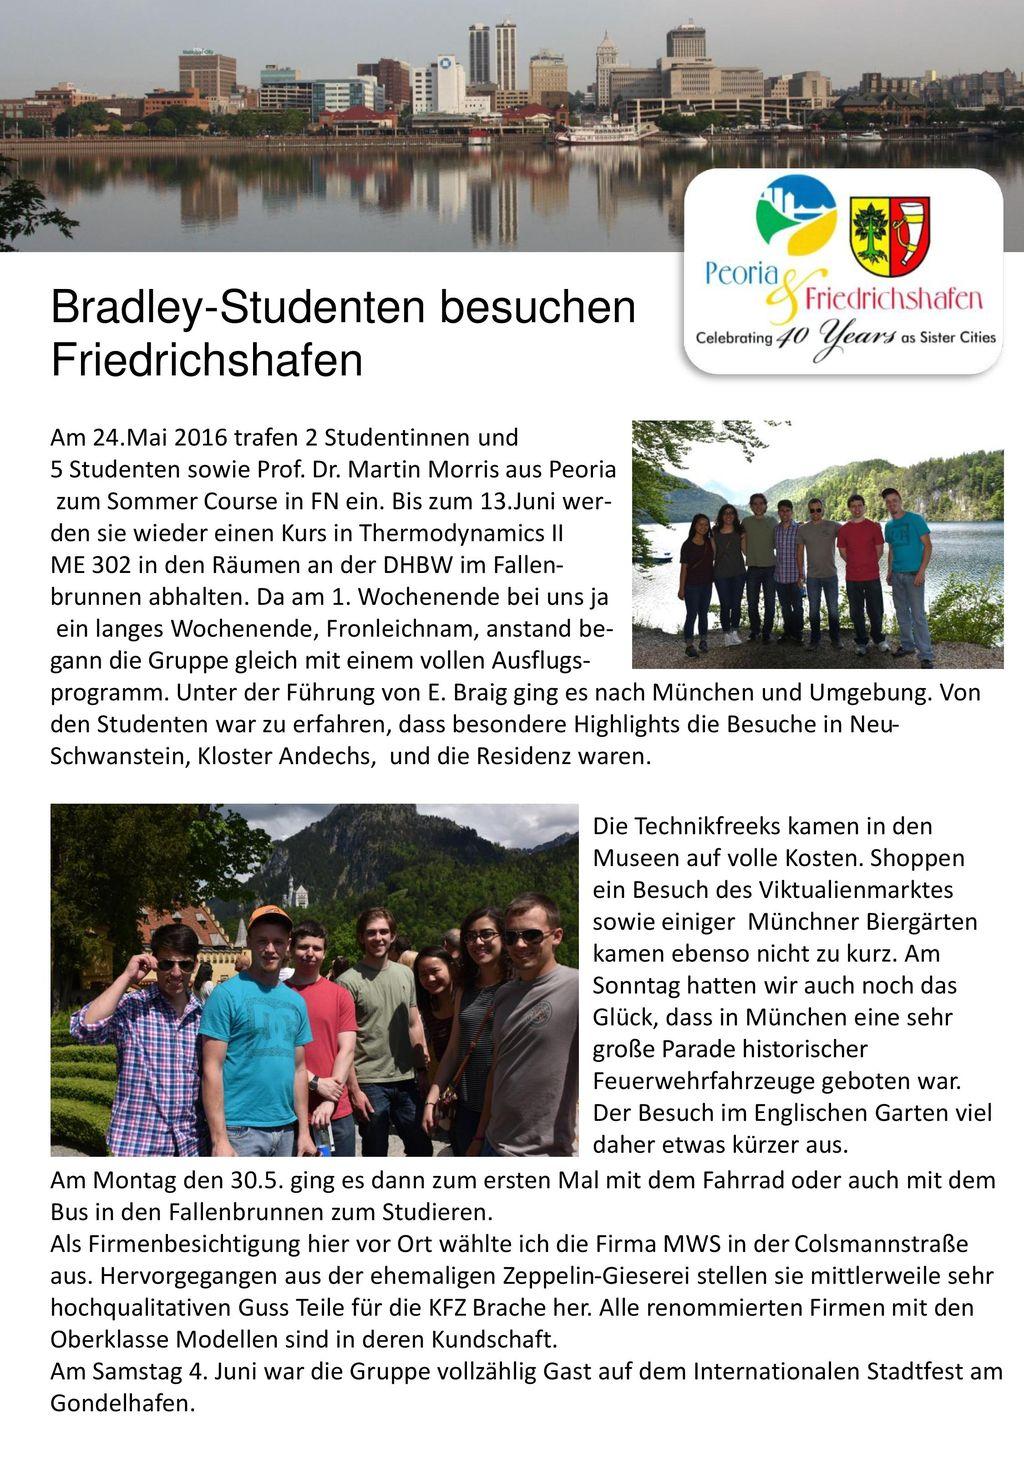 Bradley-Studenten besuchen Friedrichshafen